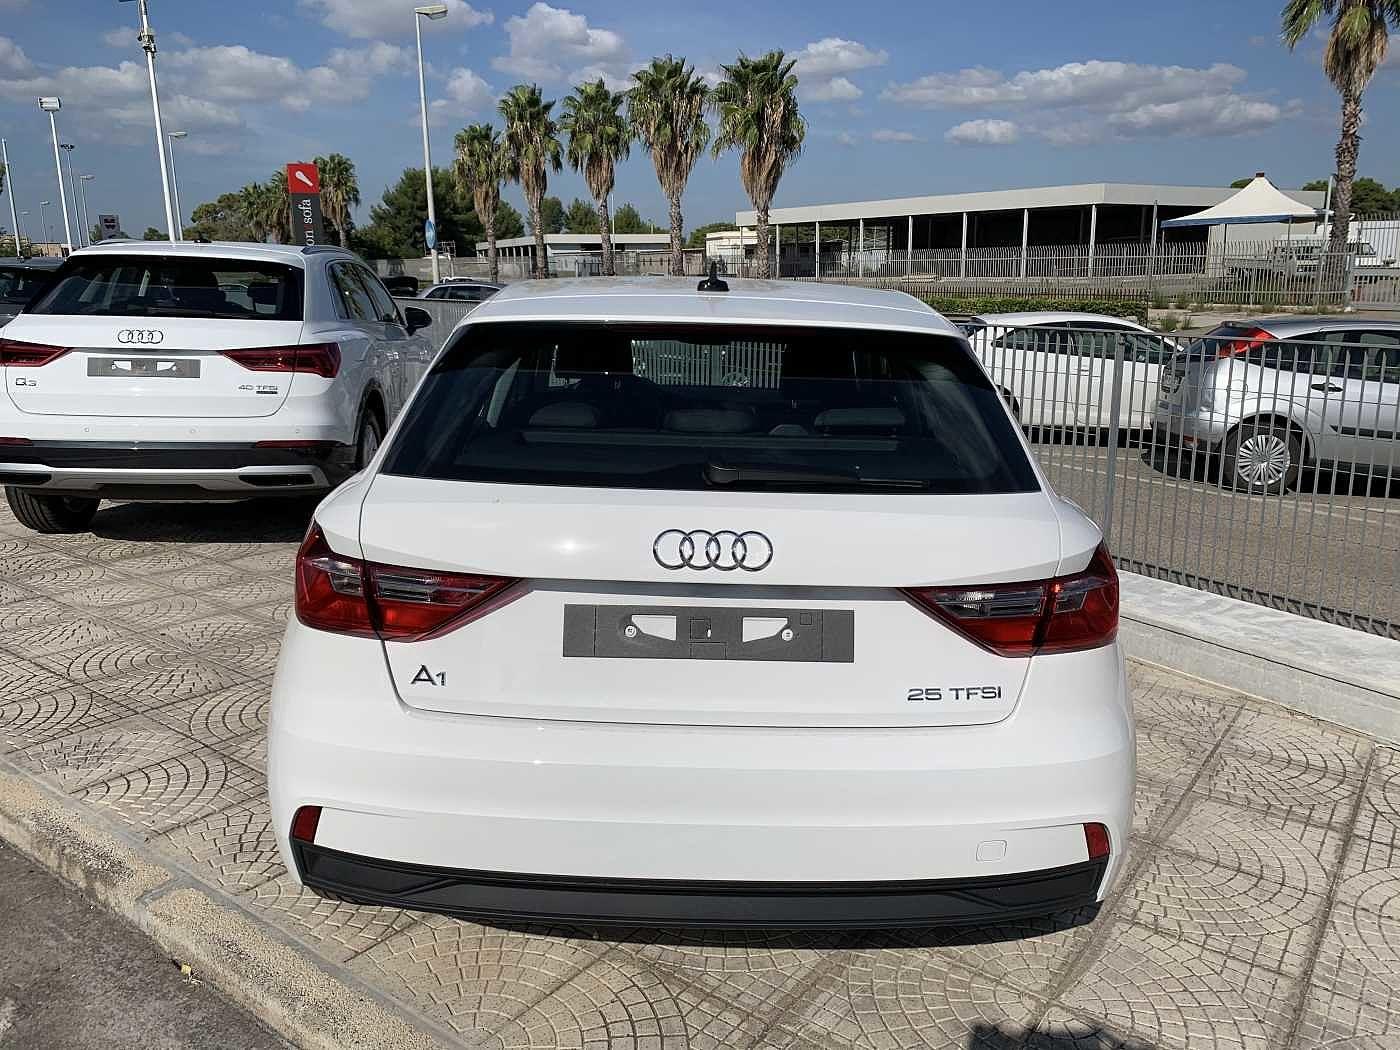 Audi A1 2ª serie SPB 25 TFSI